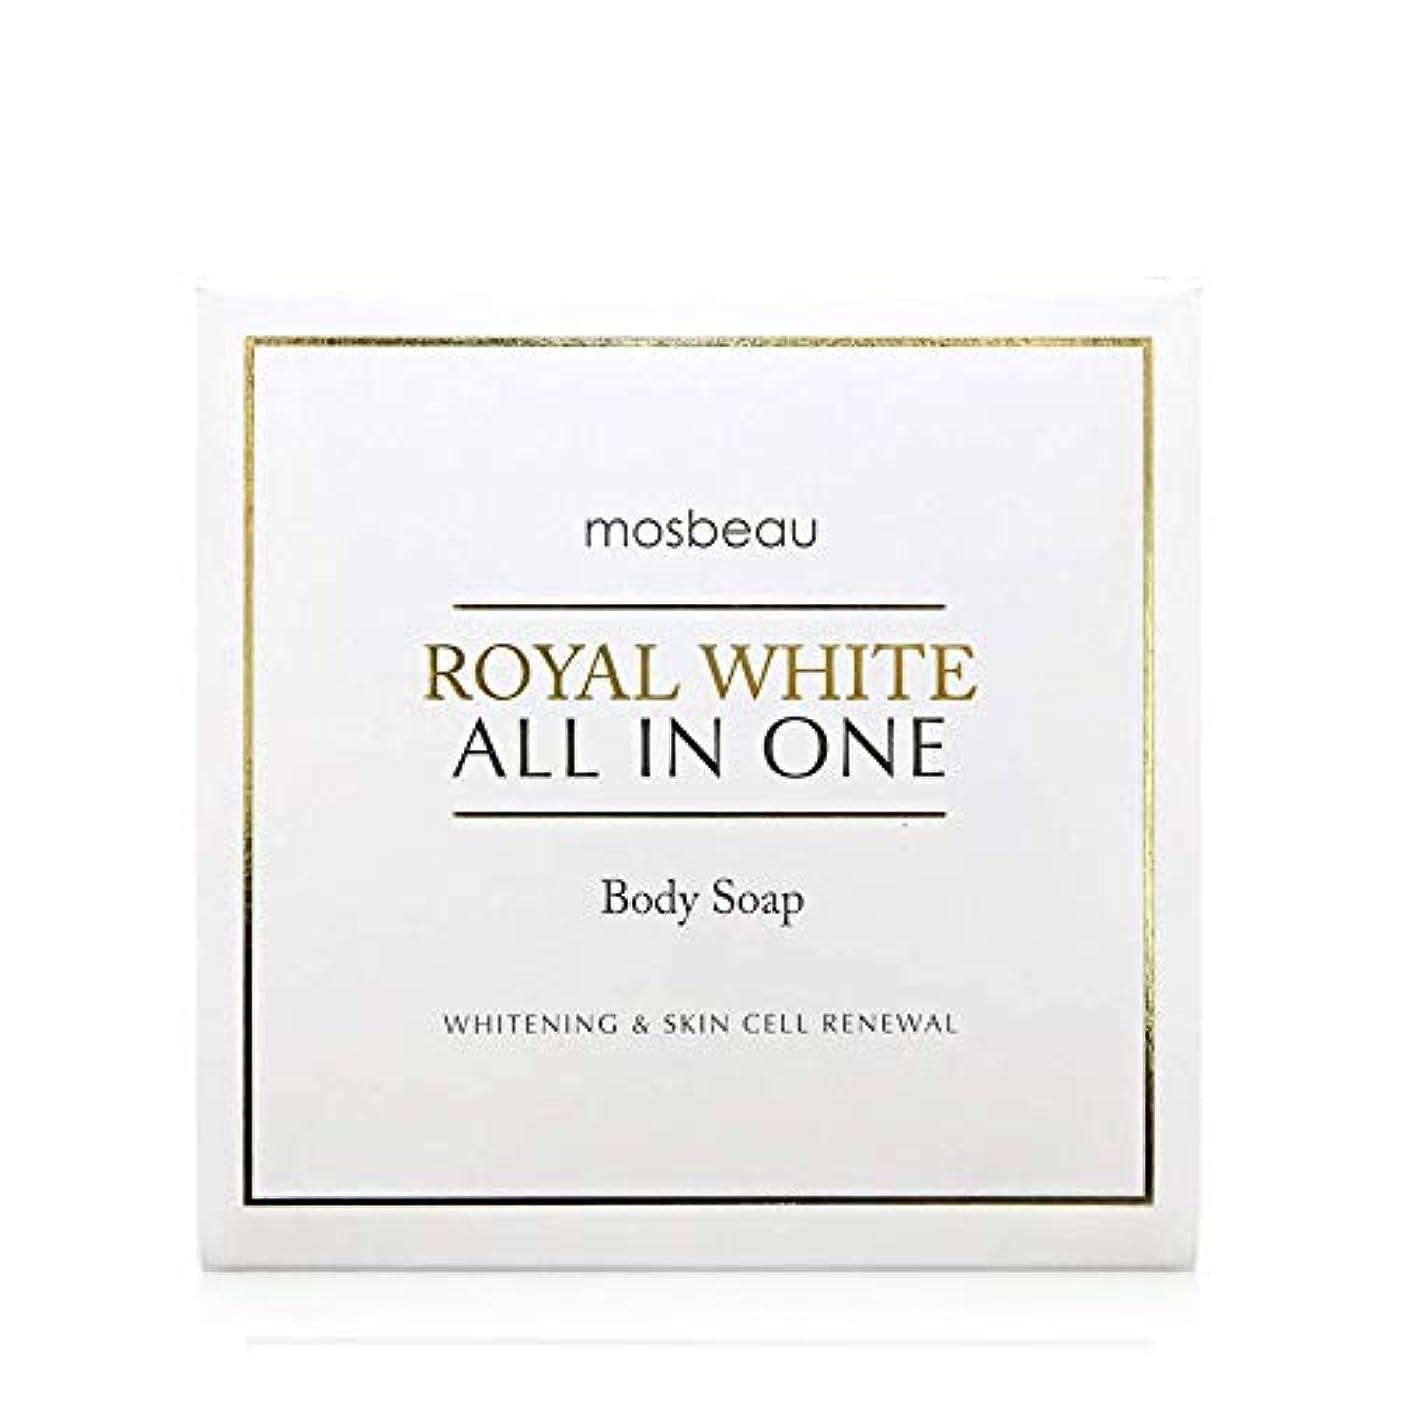 到着アンティーク振りかけるmosbeau ROYAL WHITE ALL-IN-ONE BODY SOAP 100g ロィヤルホワイトオールインワンボディーソープ